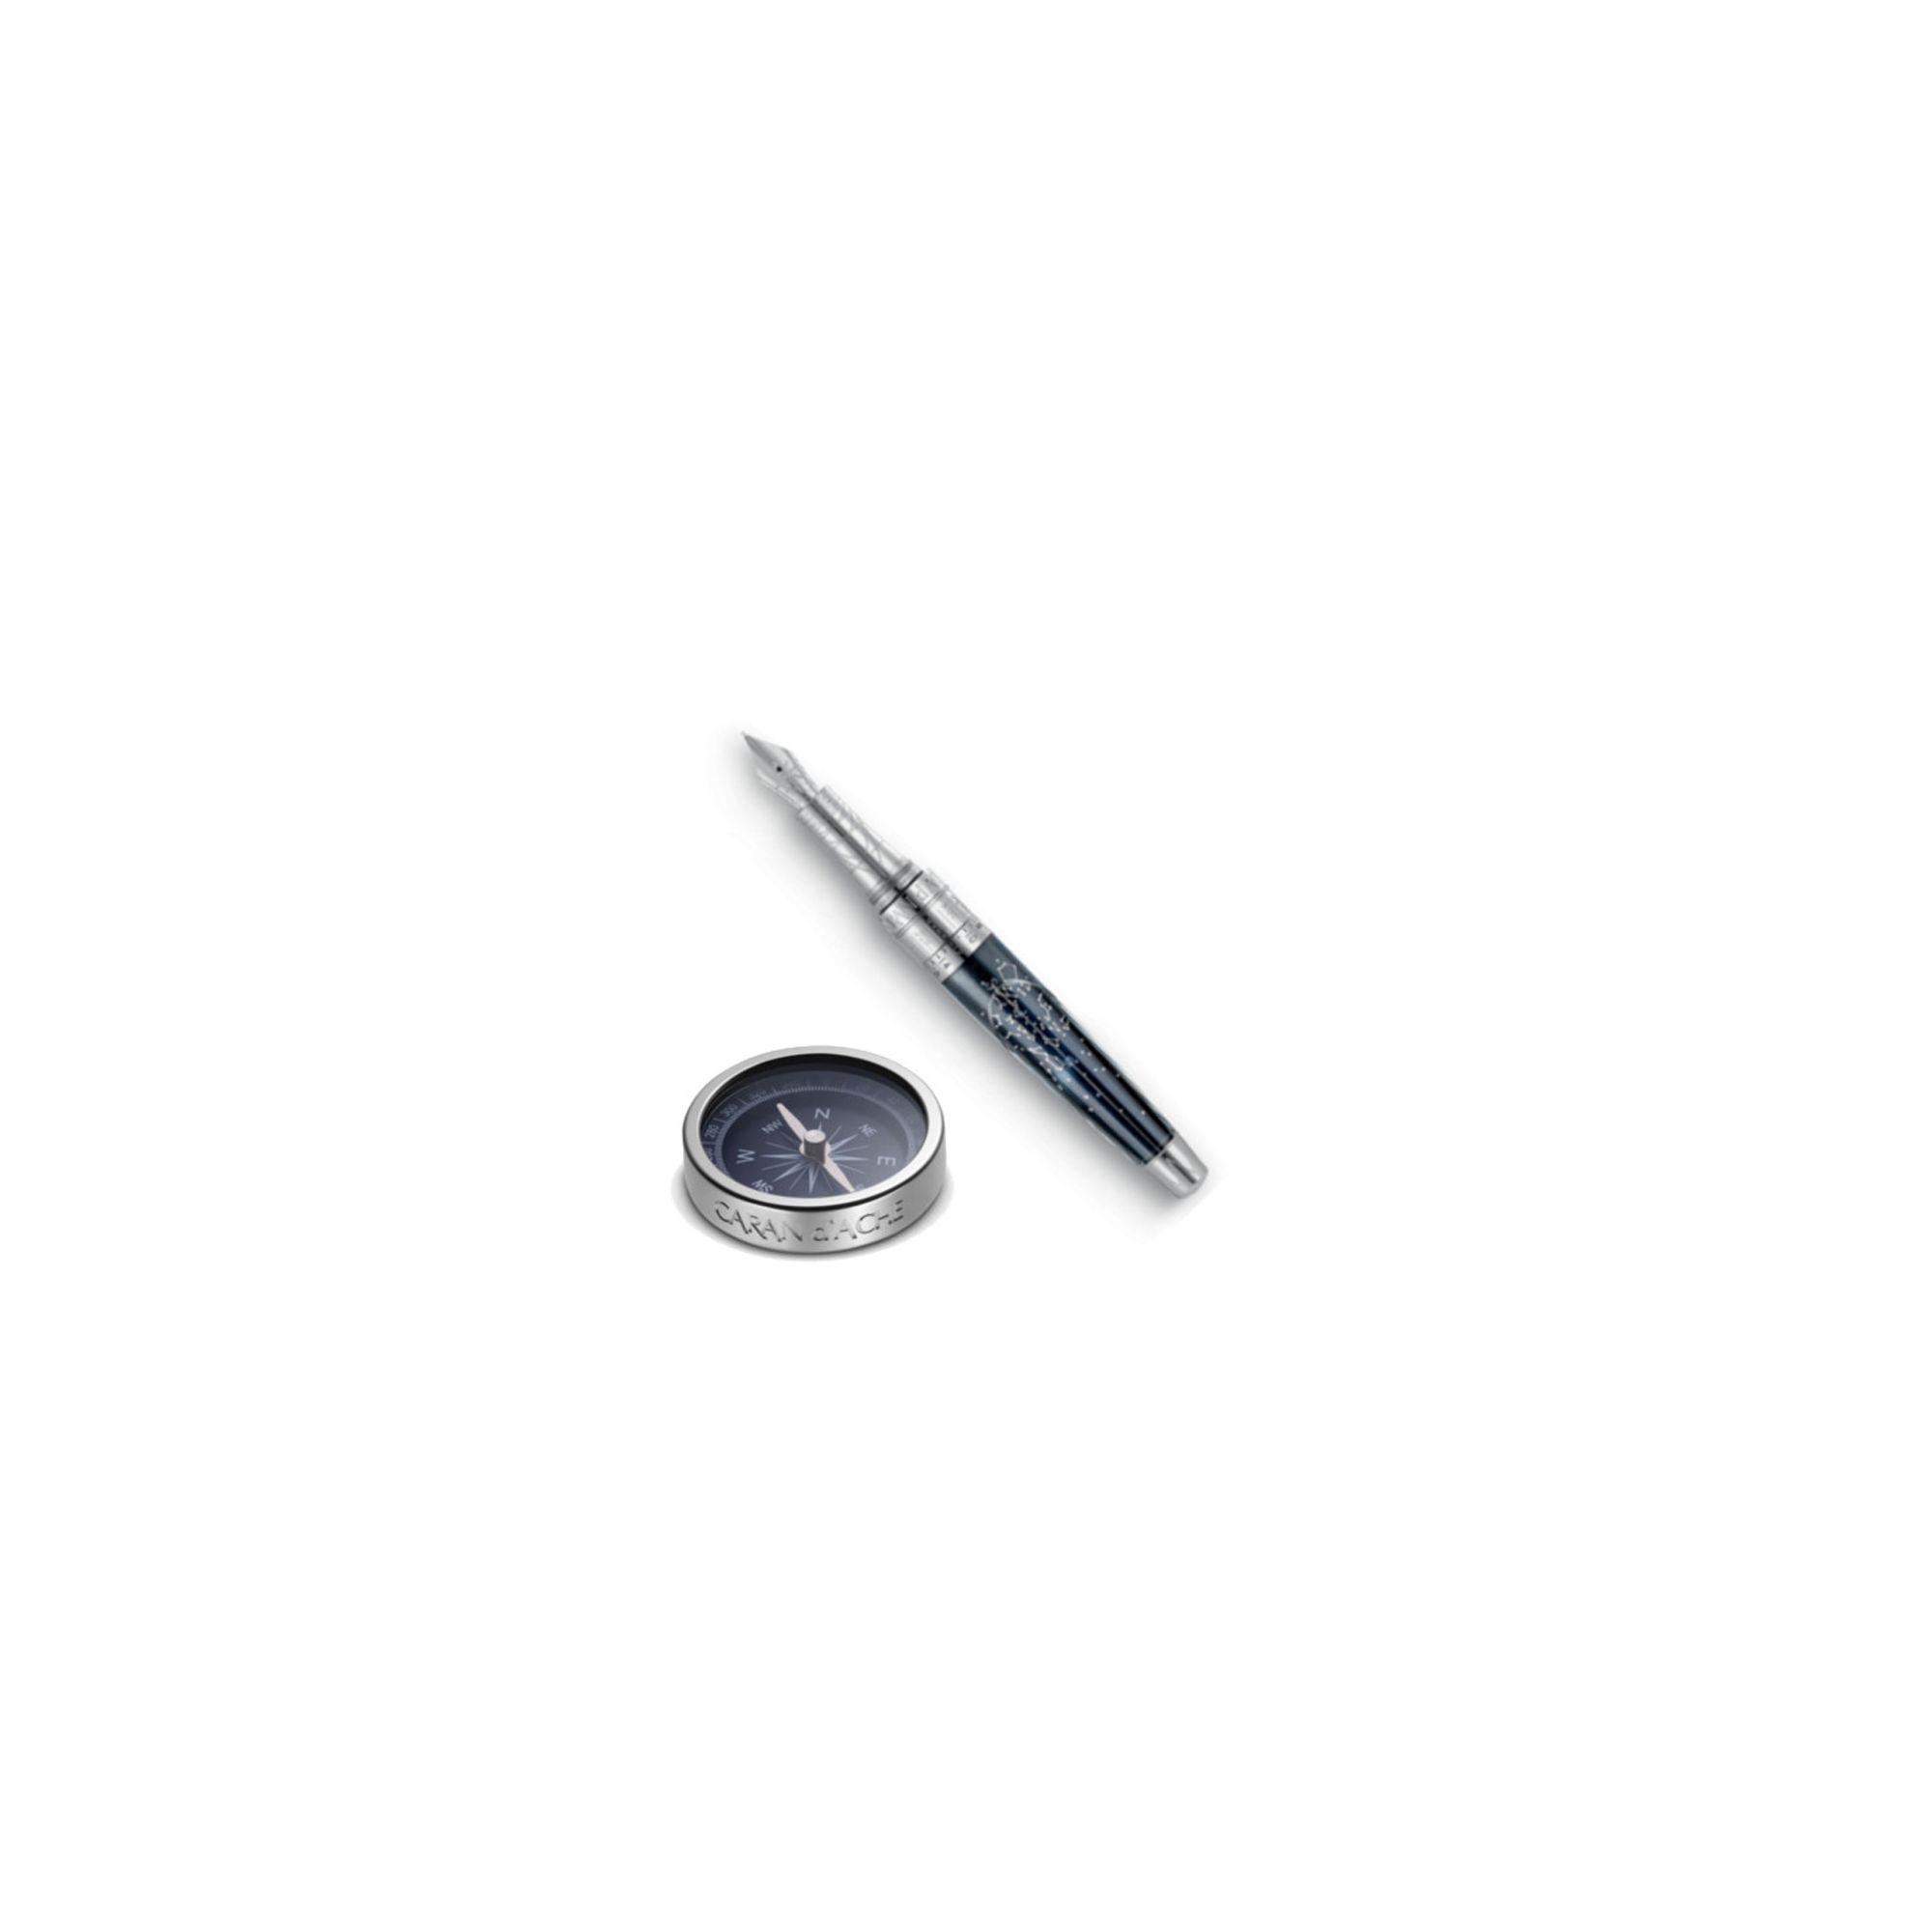 Caran d'Ache Caelograph Fountain Pen - Alpha Platinum Edition 45 N at Tesco Direct